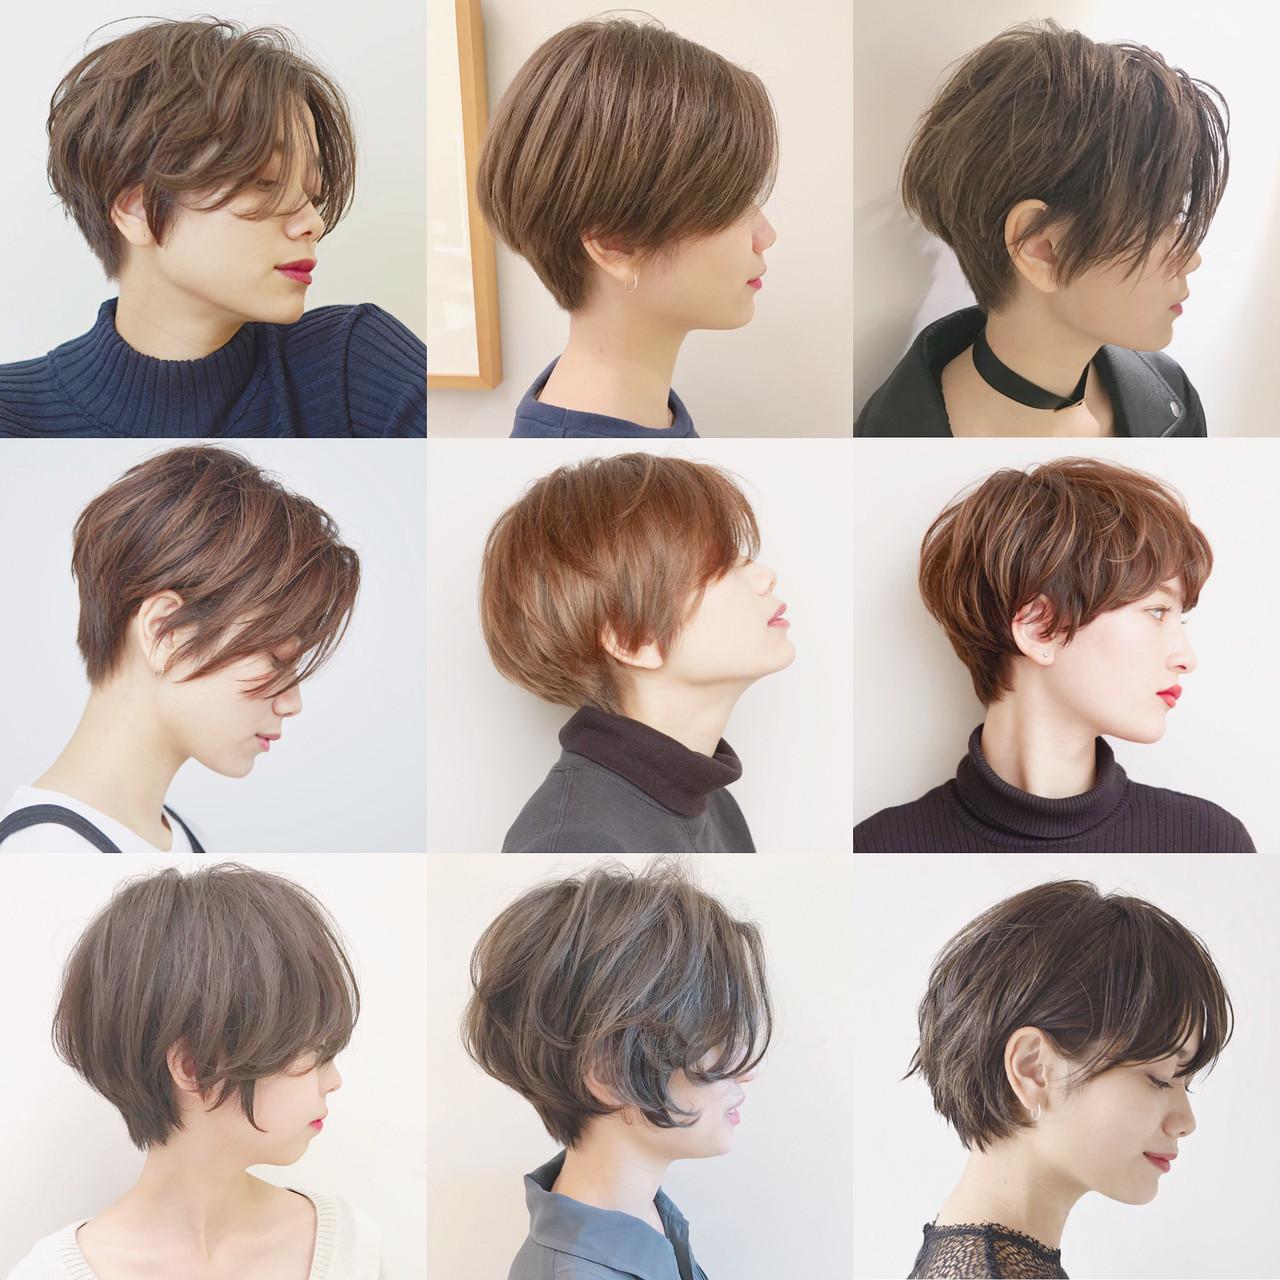 オフィス ショート スポーツ ハンサムショート ヘアスタイルや髪型の写真・画像 | ショートヘア美容師 #ナカイヒロキ / 『send by HAIR』